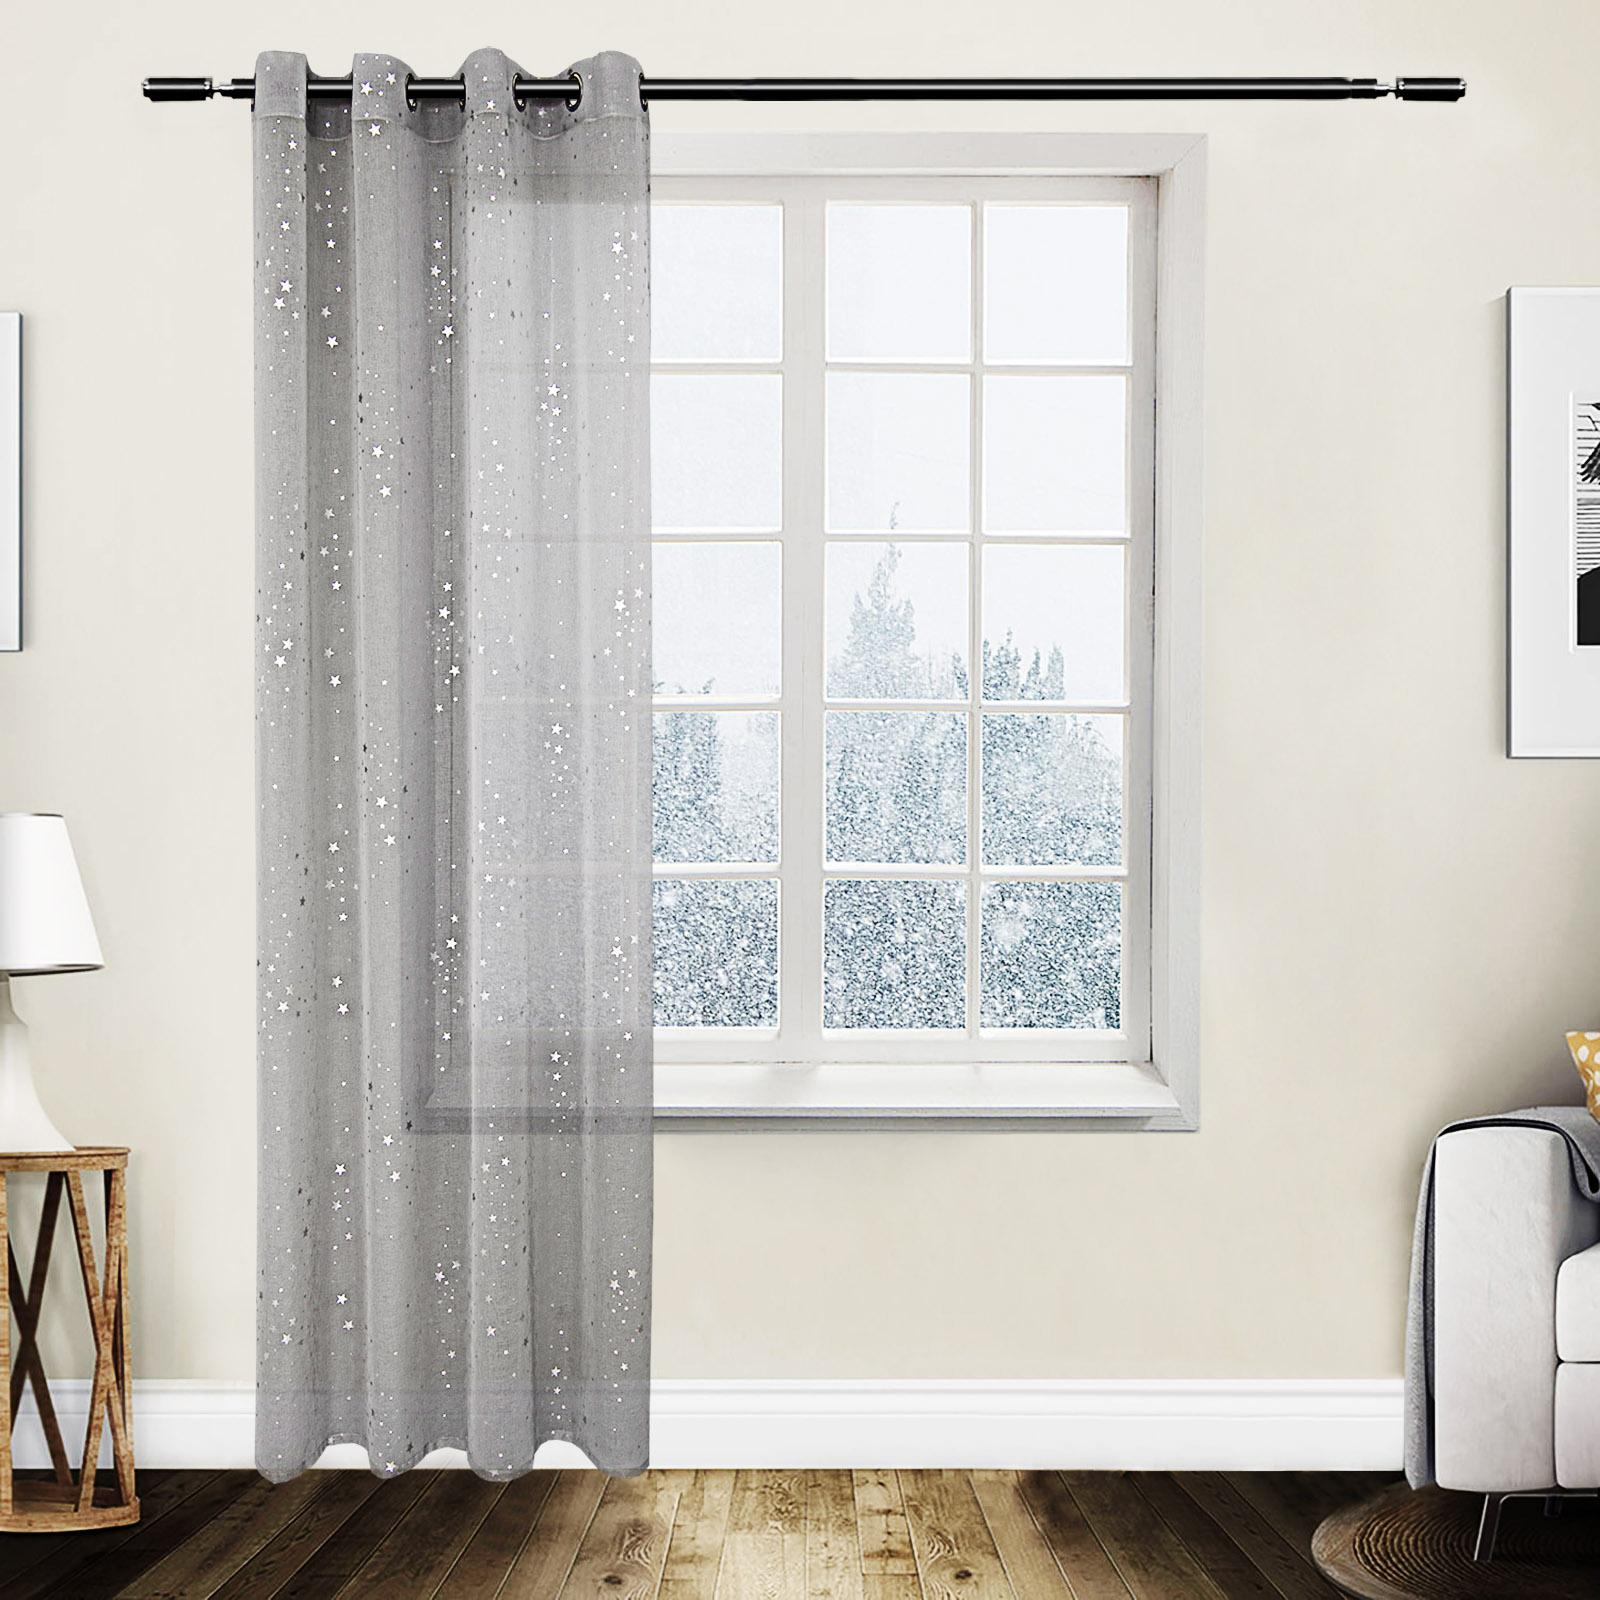 gardinen transparent sen vorhang schal stores leinenoptik sternen muster 961 ebay. Black Bedroom Furniture Sets. Home Design Ideas